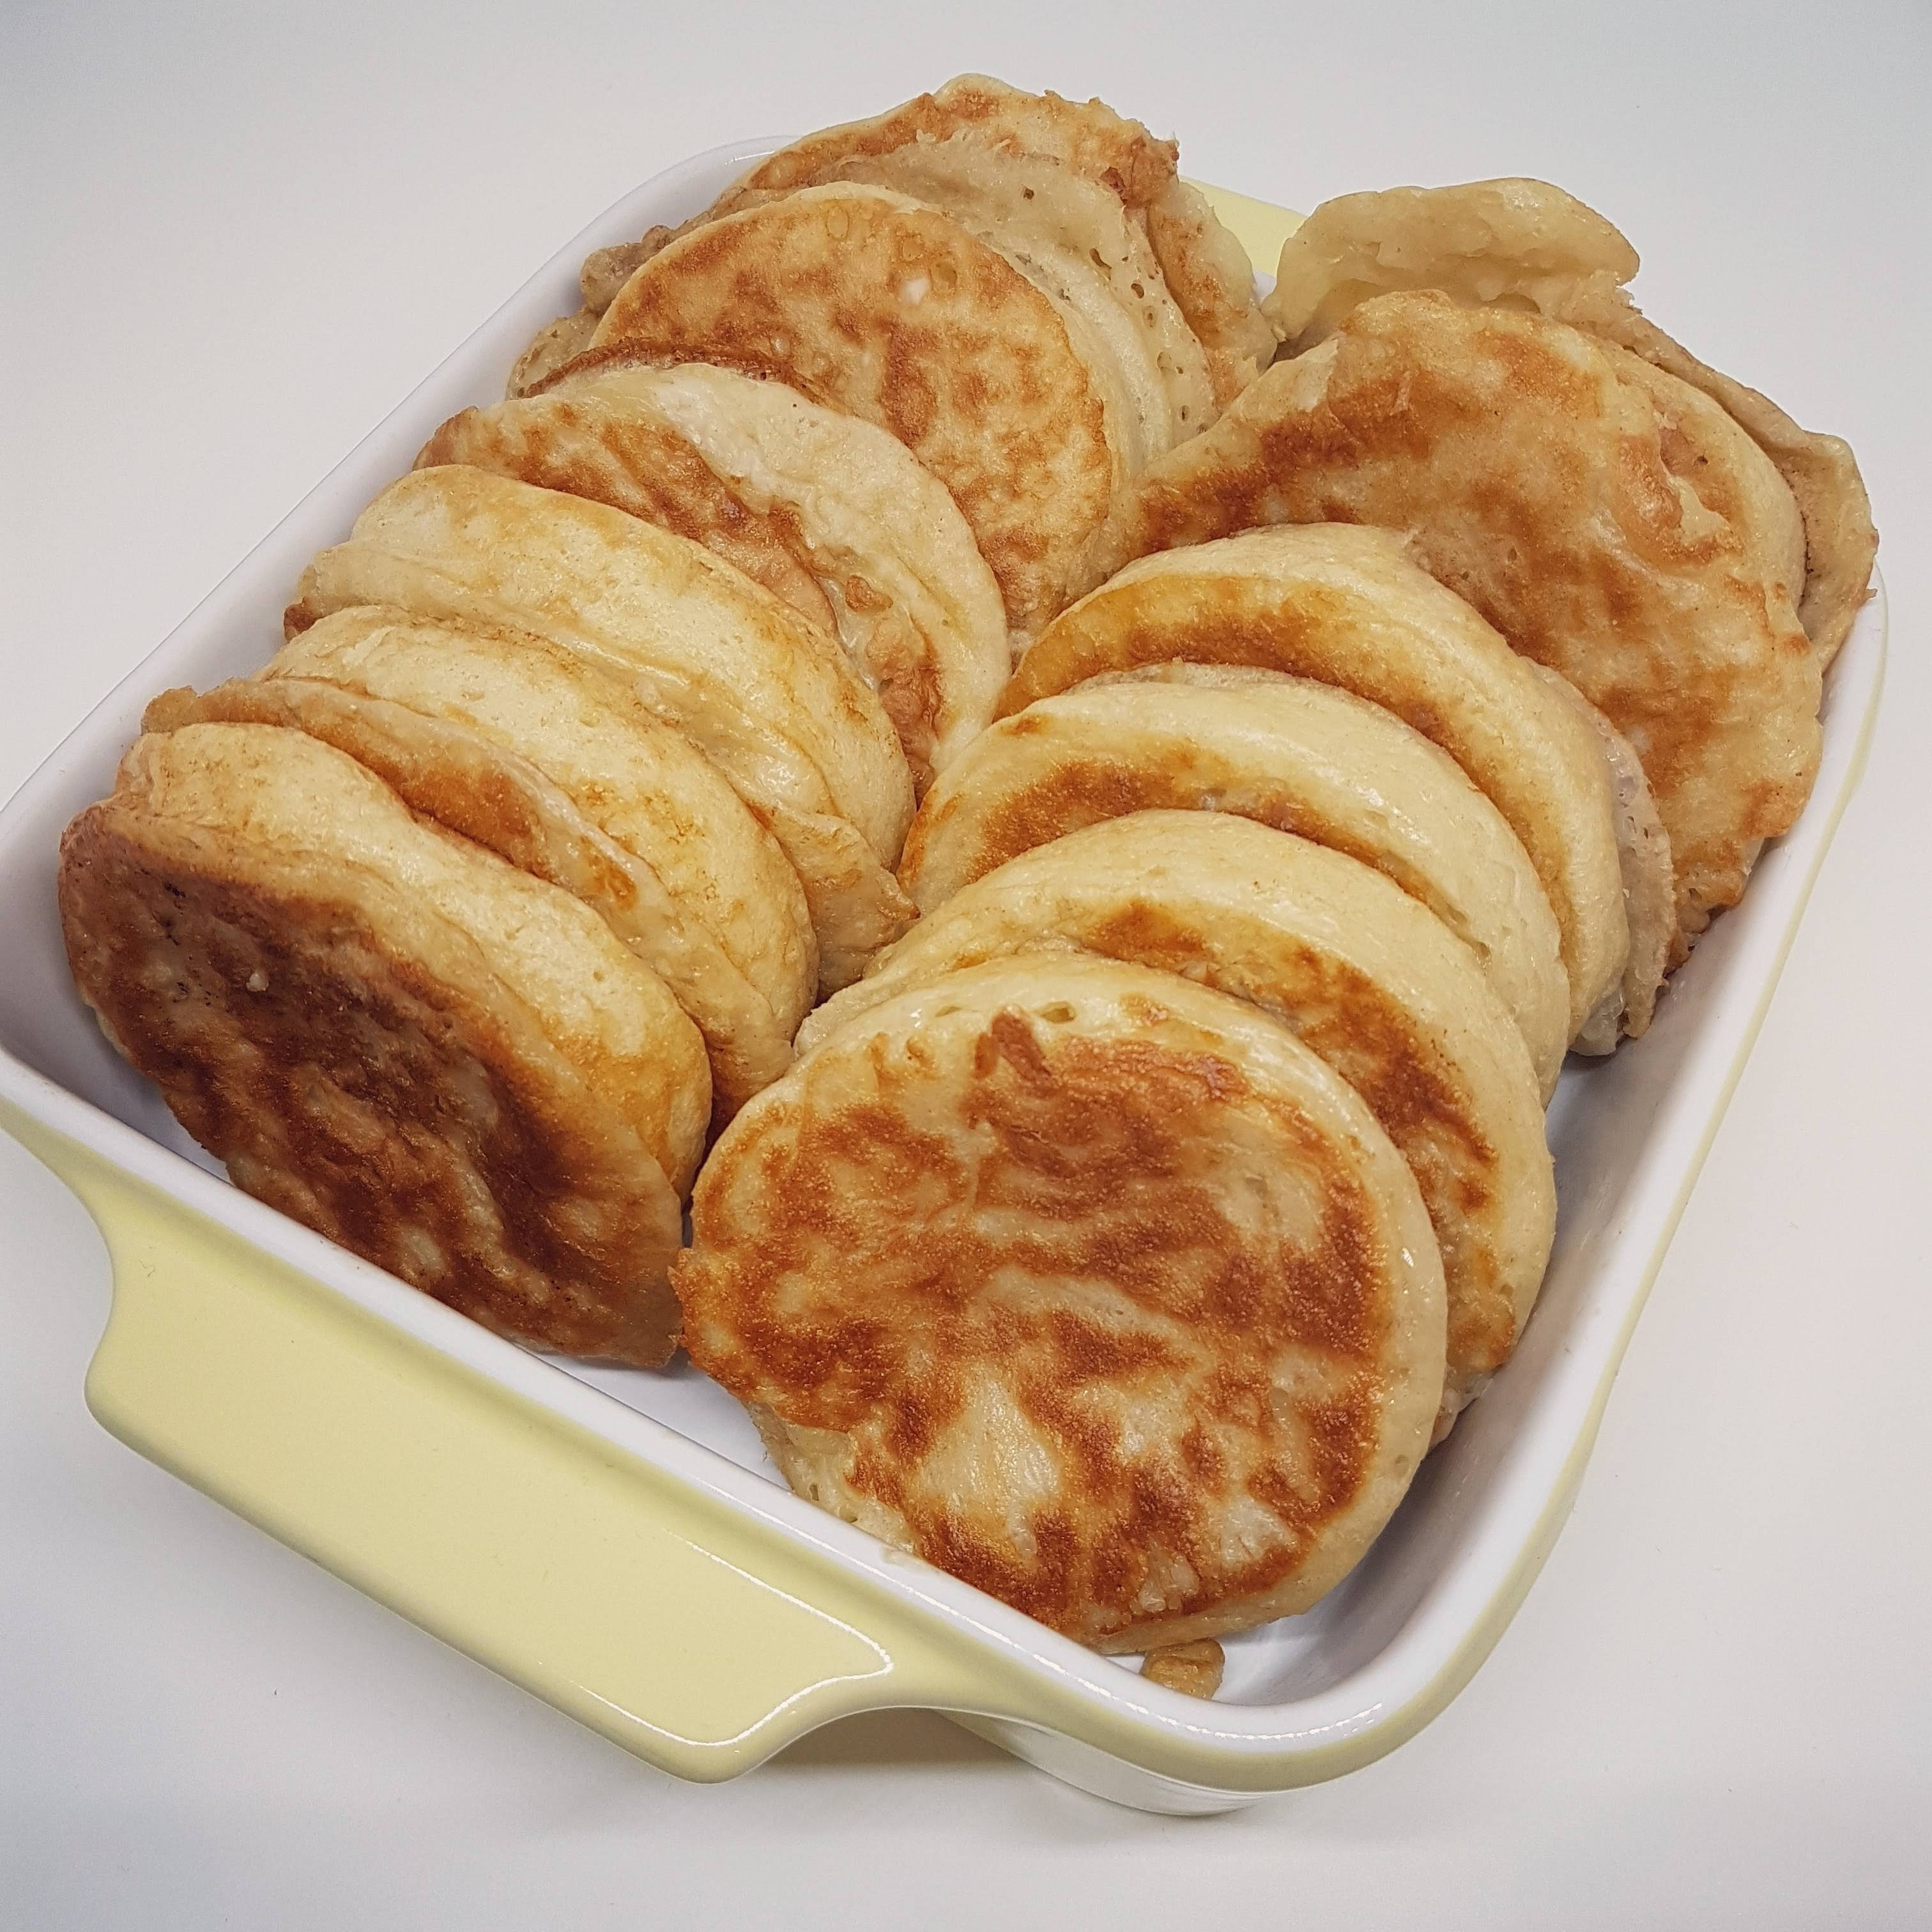 Helen J Holmberg - recept på engelska crumpets, ett mellanting på pannkaka och scones